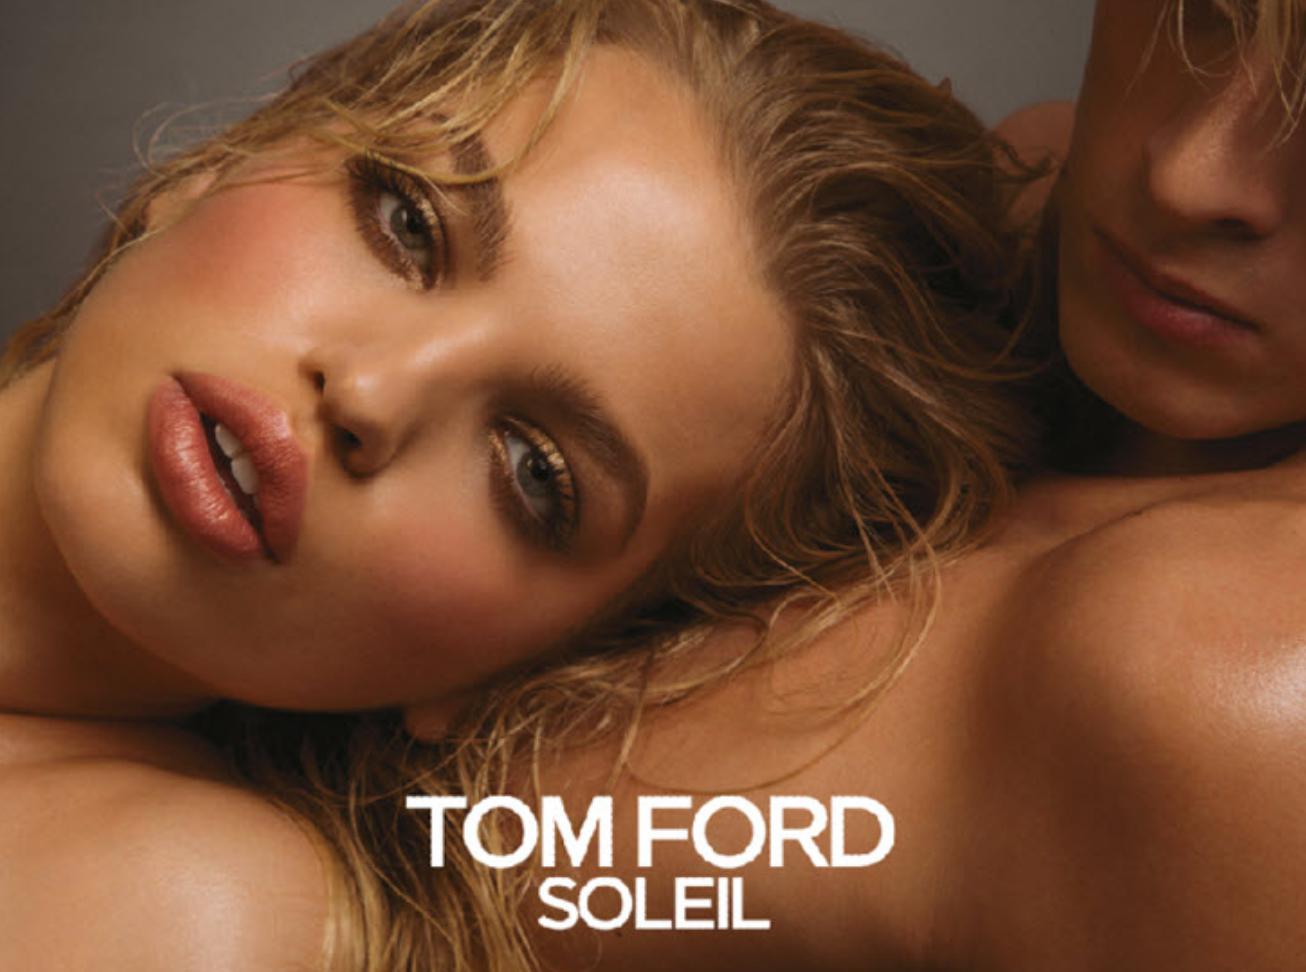 Tom Ford Soleil 2016